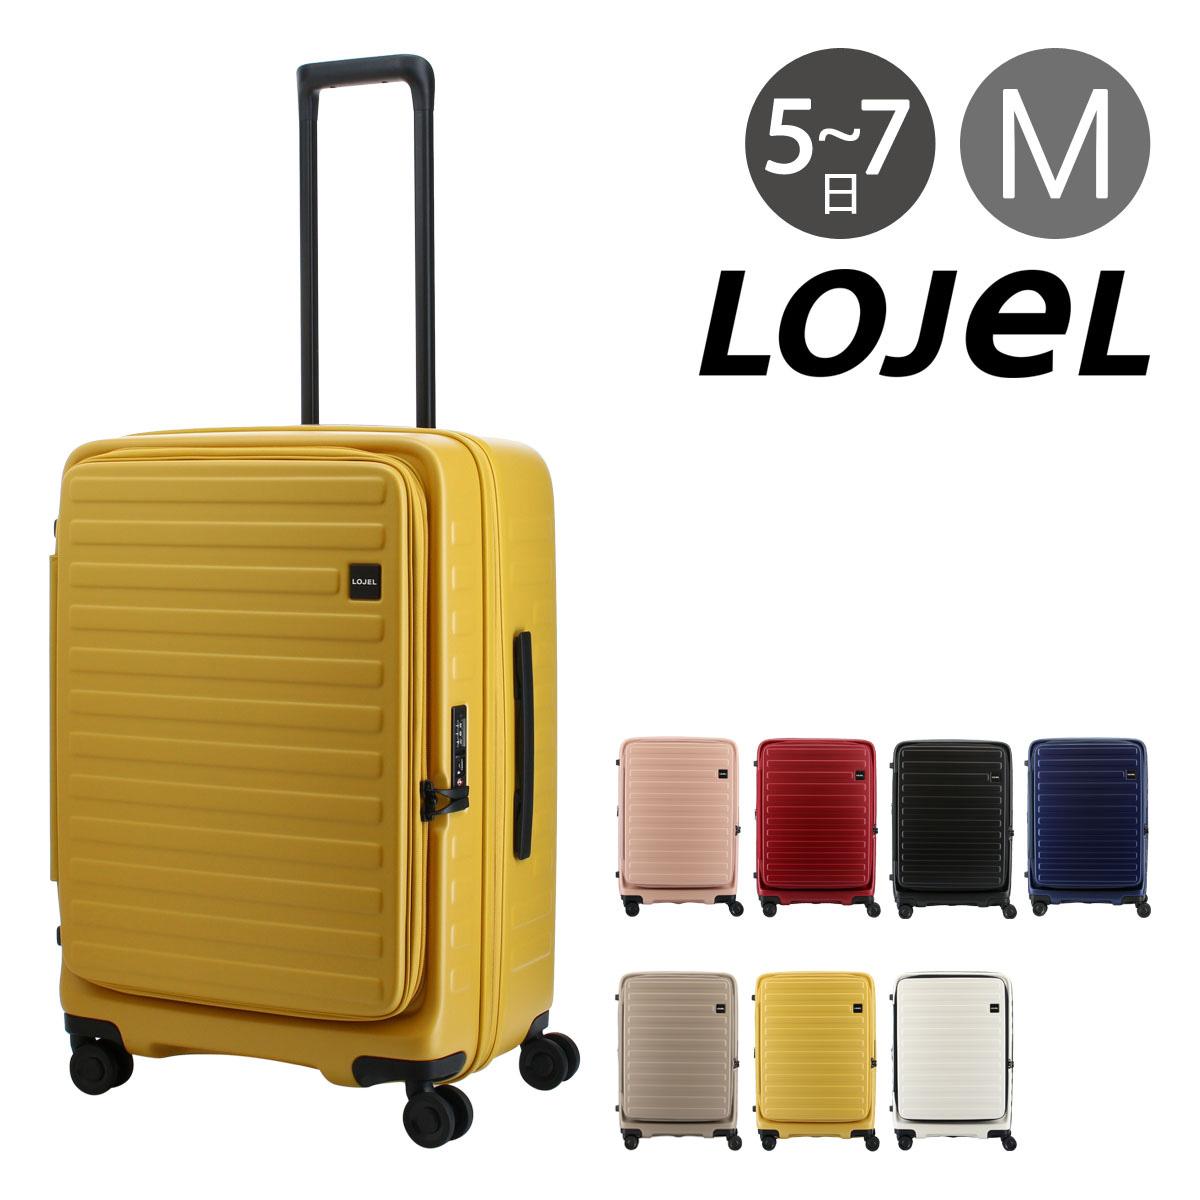 ロジェール スーツケース CUBO-M 62cm LOJEL 【PO5】【bef】【即日発送】